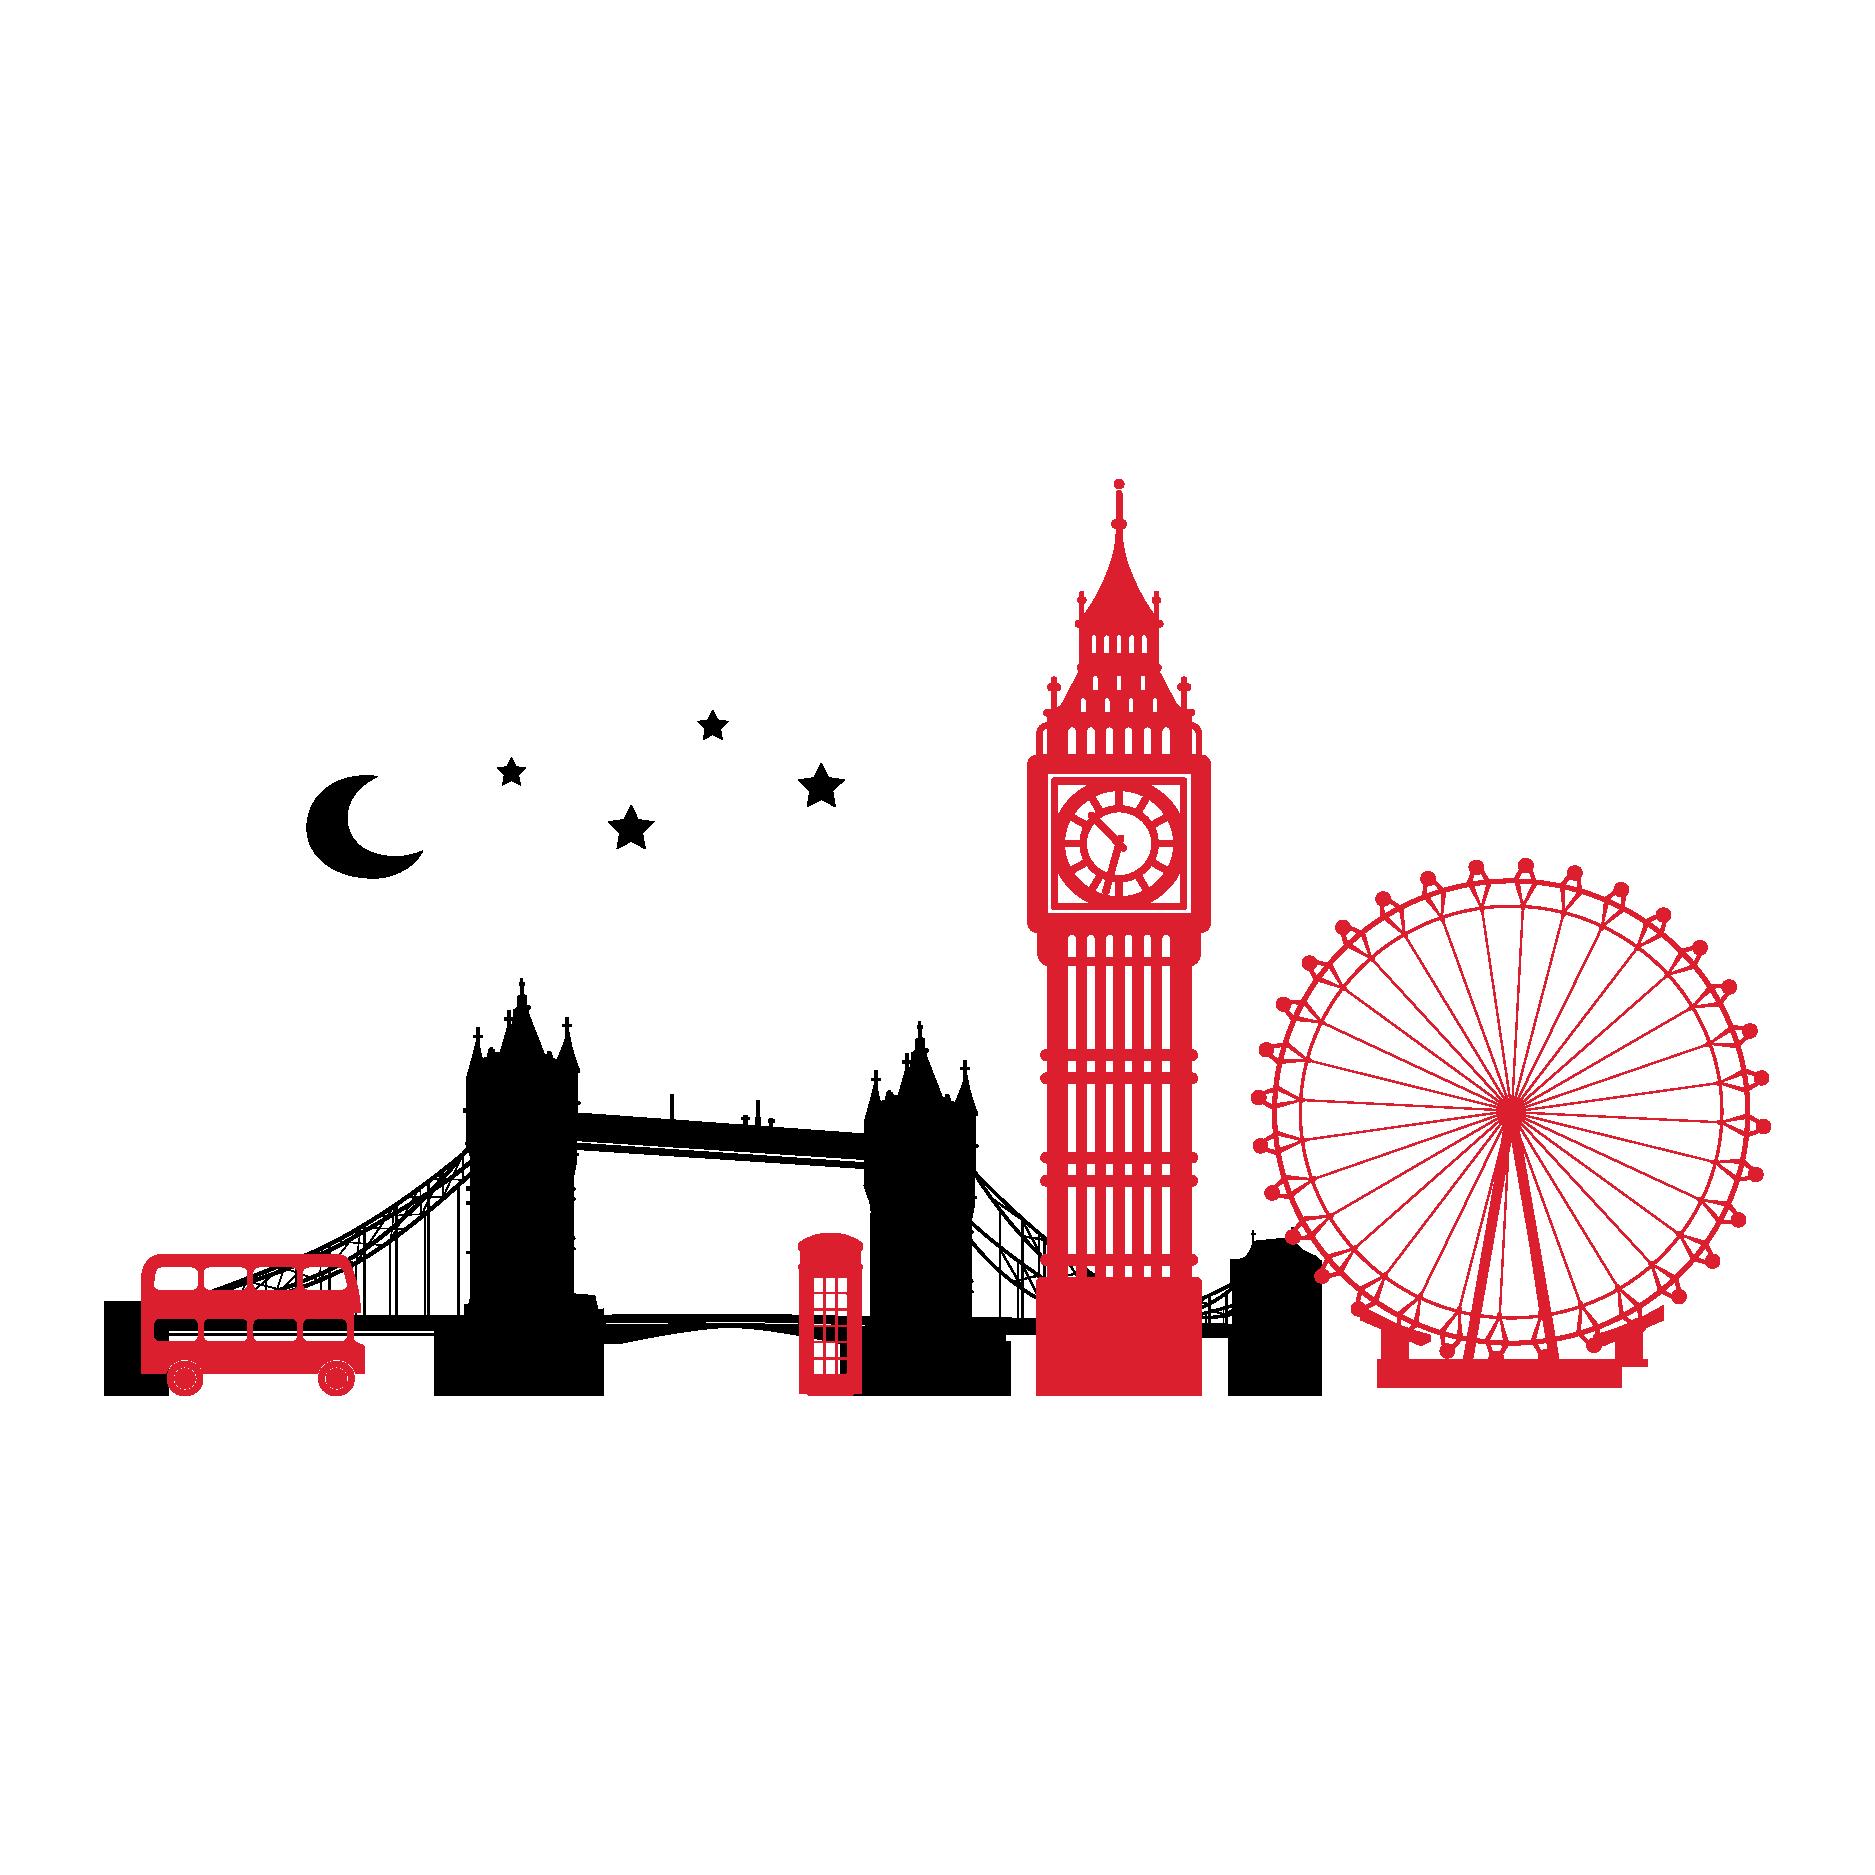 Tower Bridge clipart london city #6.